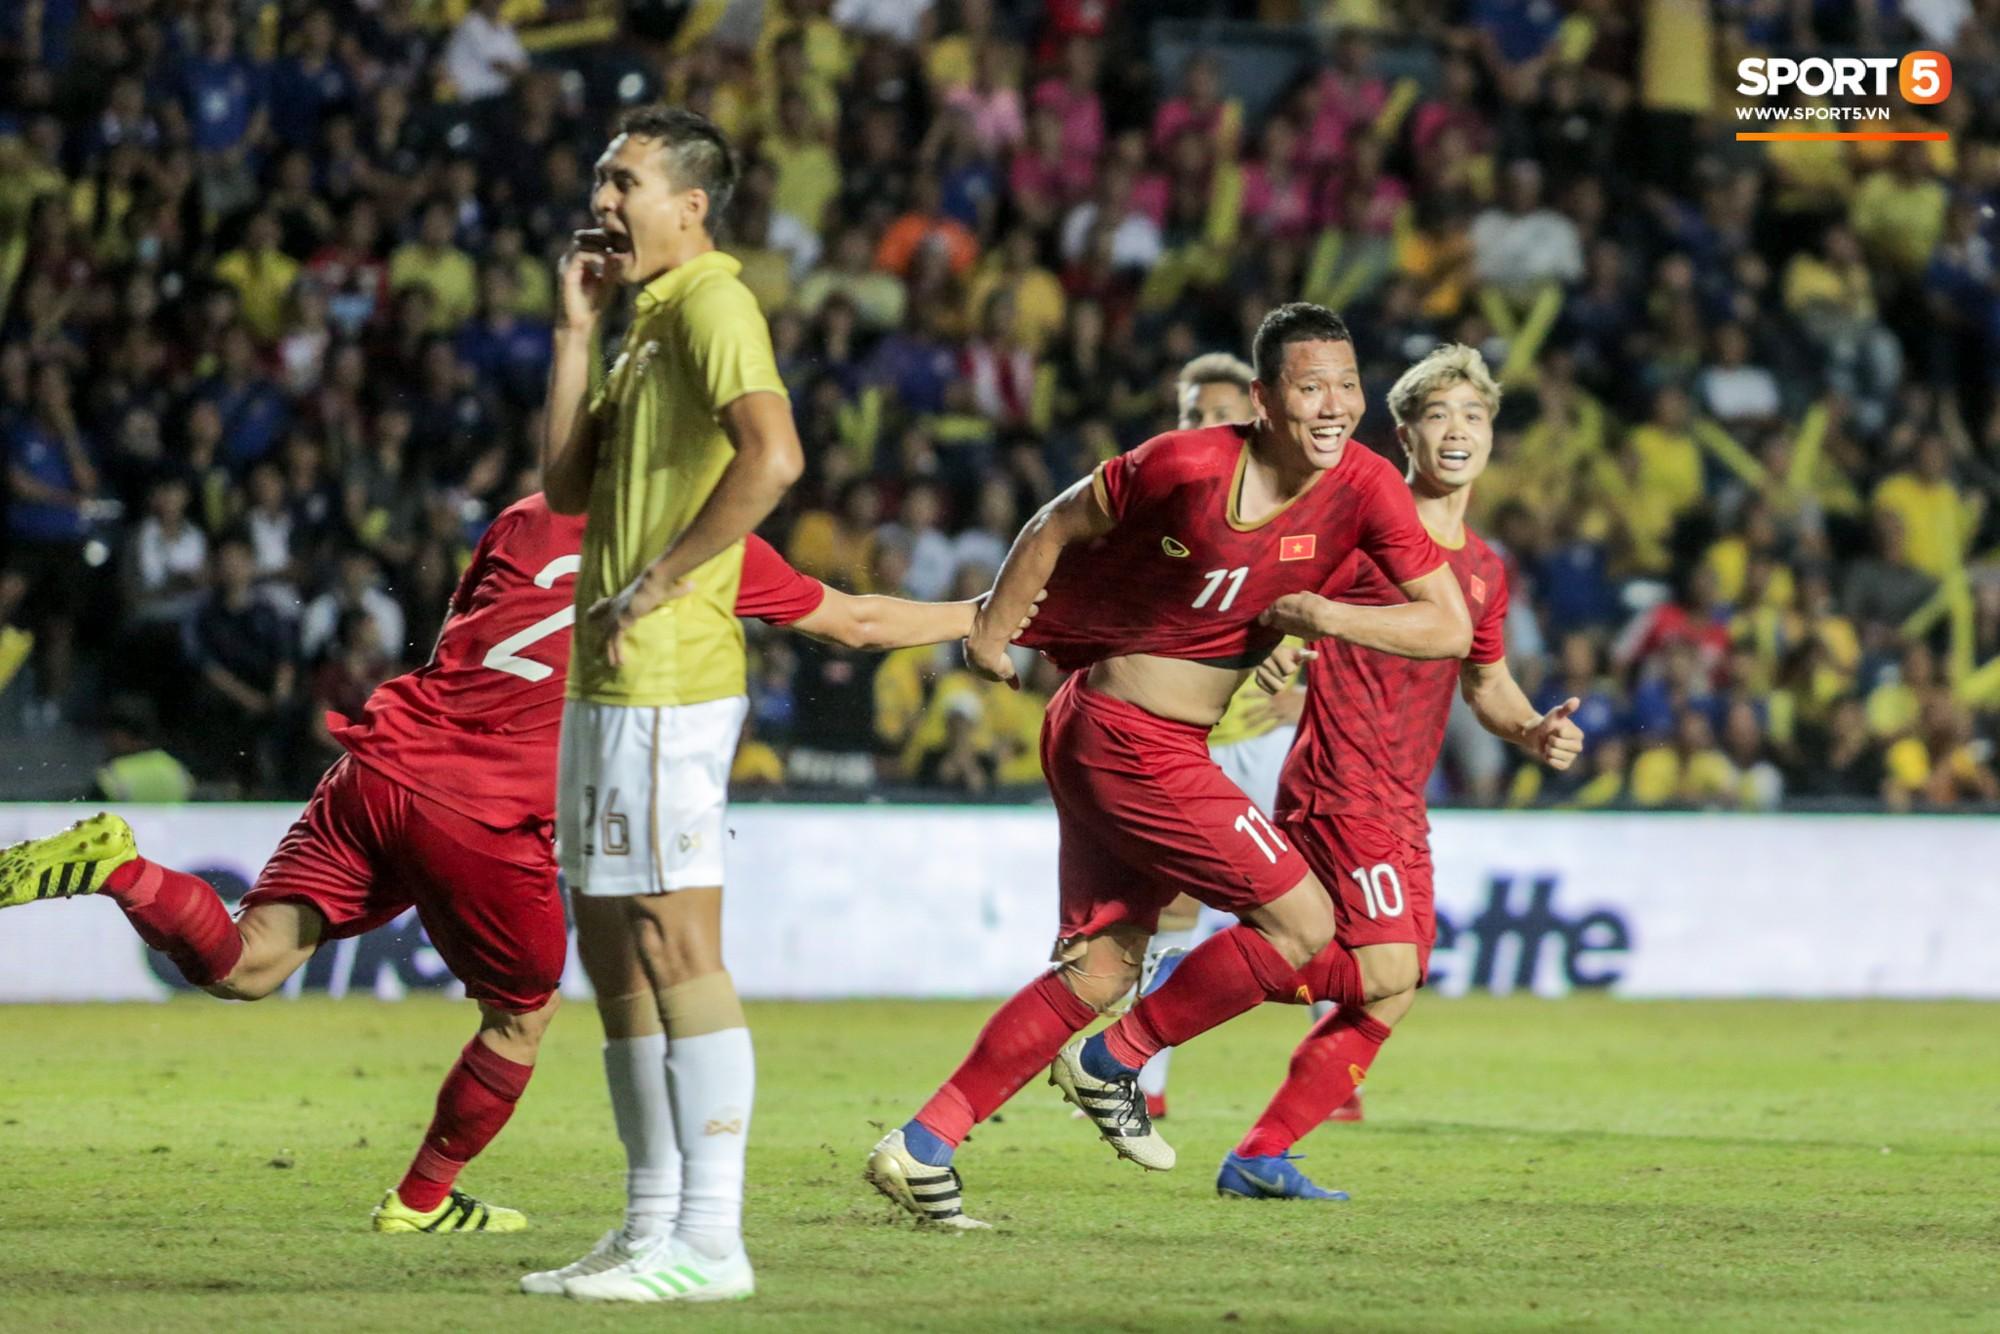 Hài hước: Tiền vệ tuyển Việt Nam bị trọng tài xin lại bụng bầu sau màn ăn mừng kinh điển-1